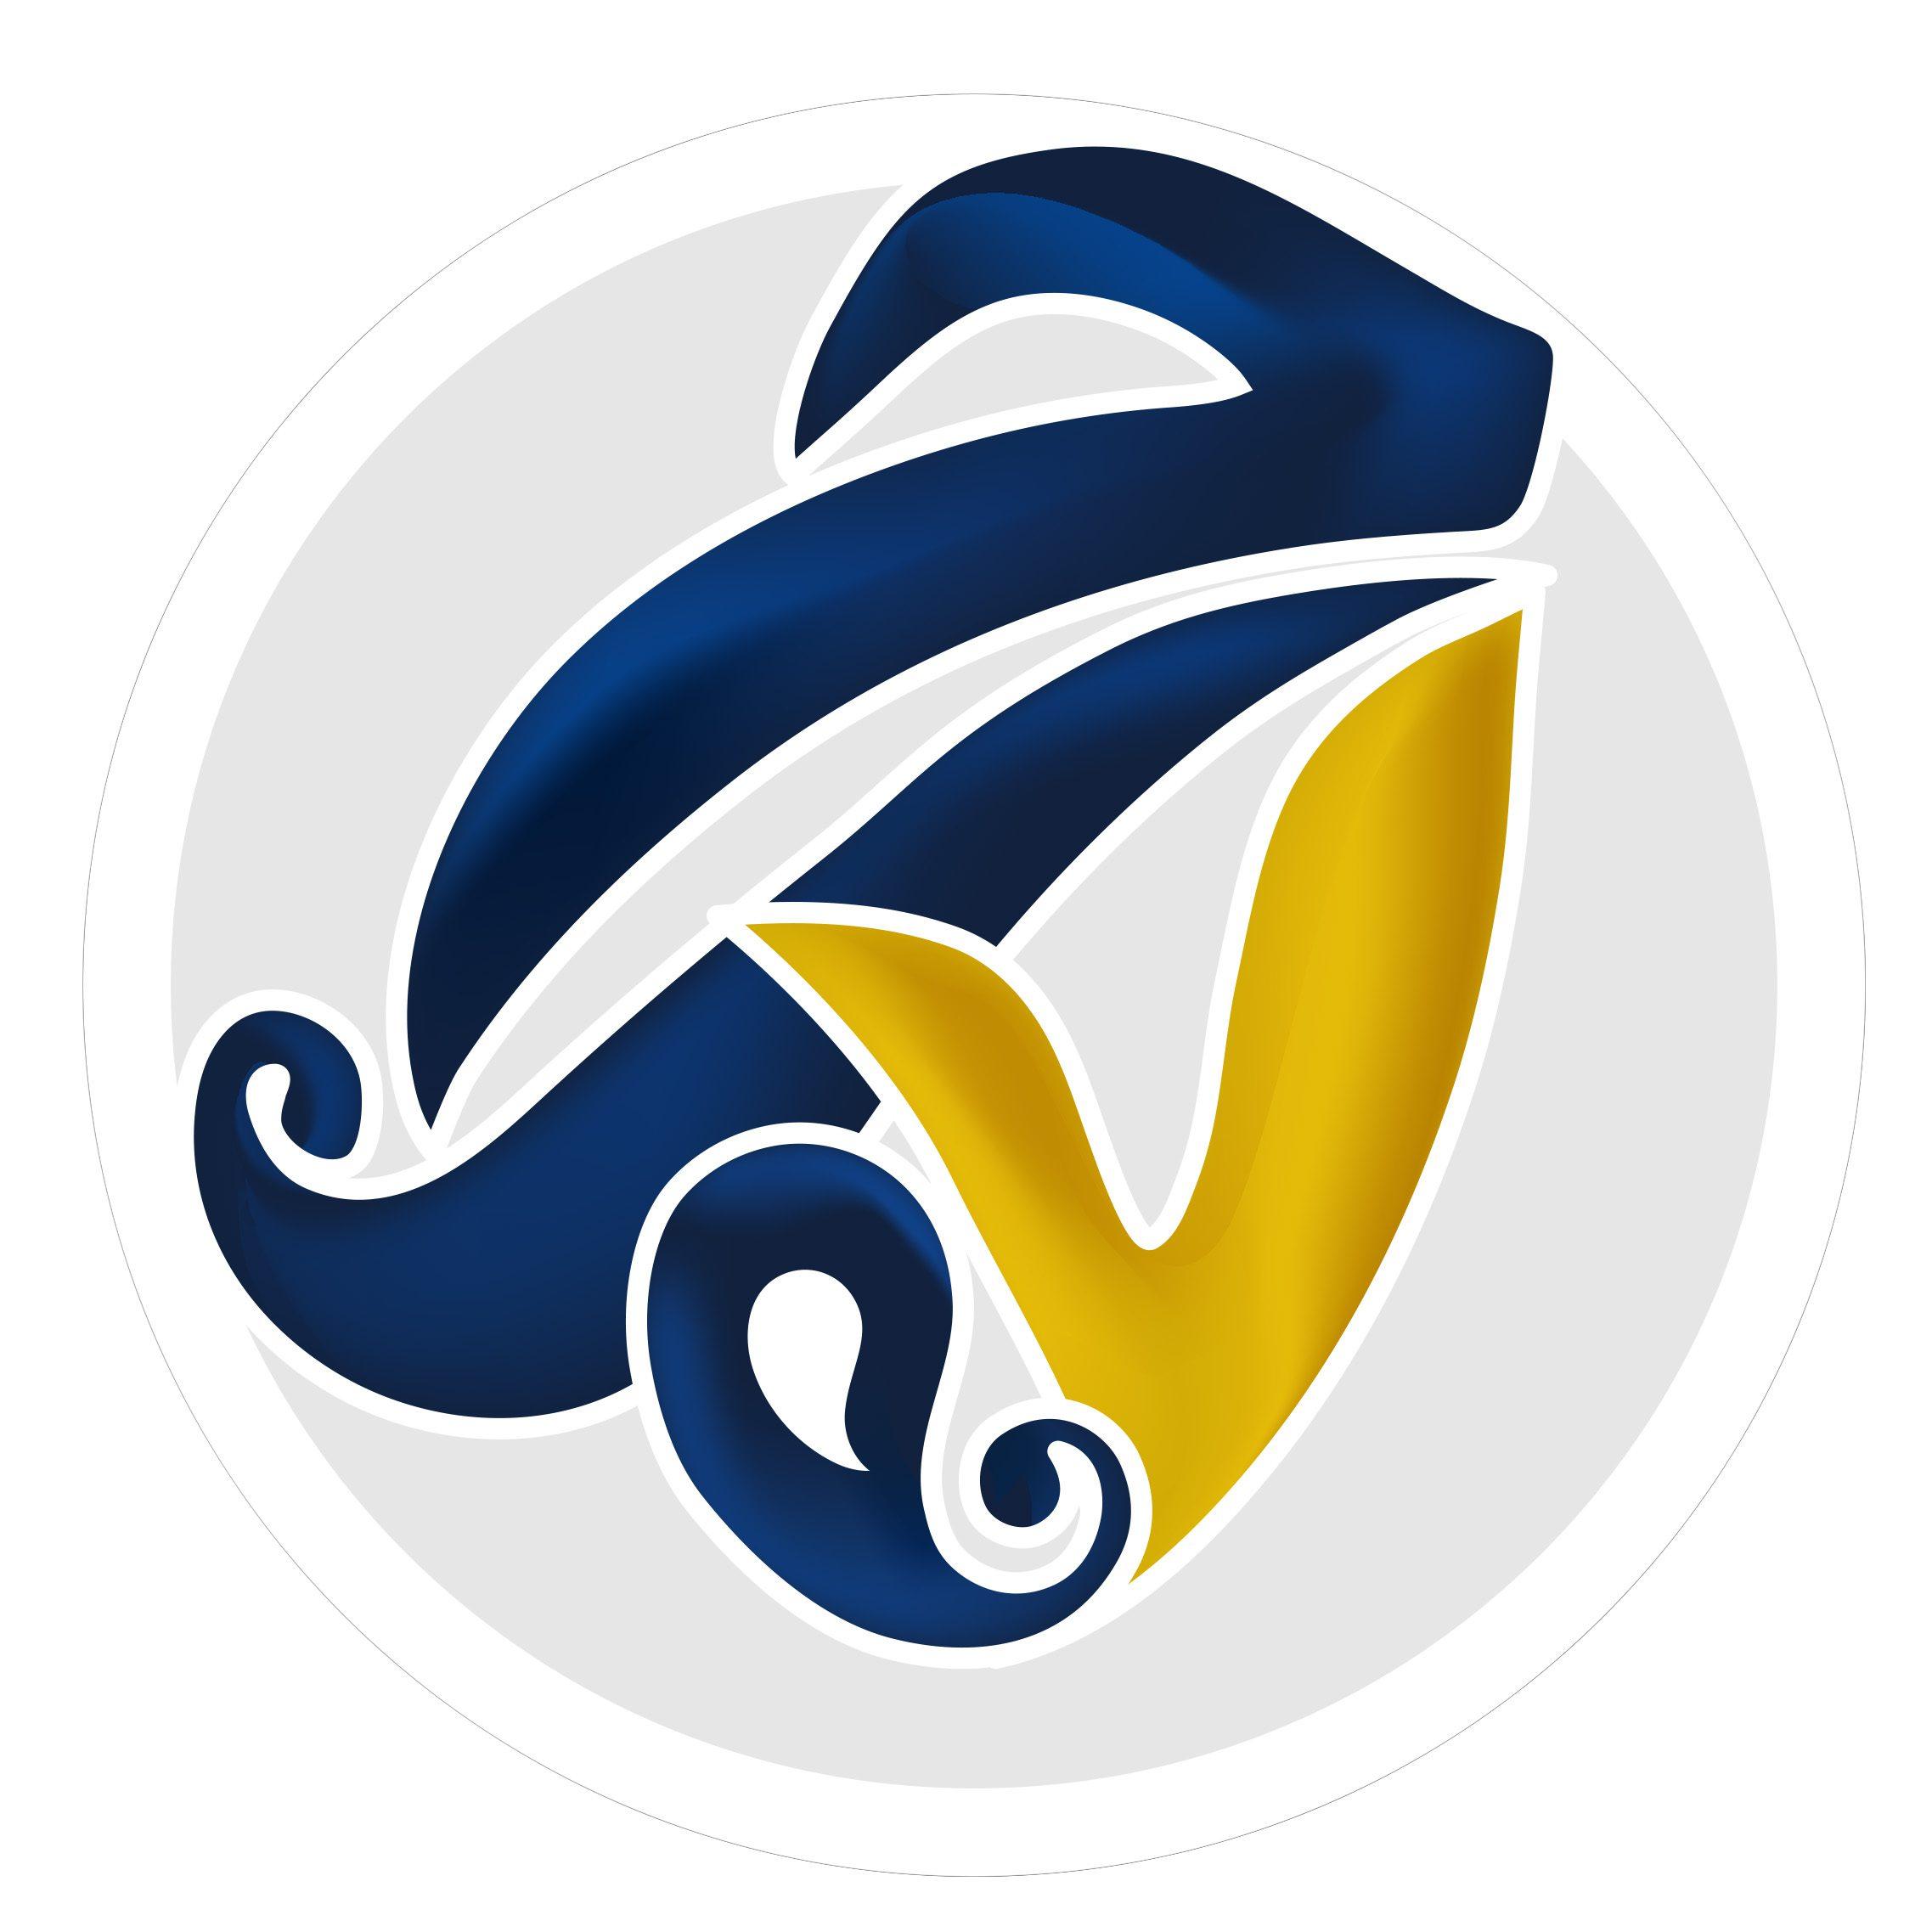 هفت رج فروشگاه اینترنتی صنایع دستی